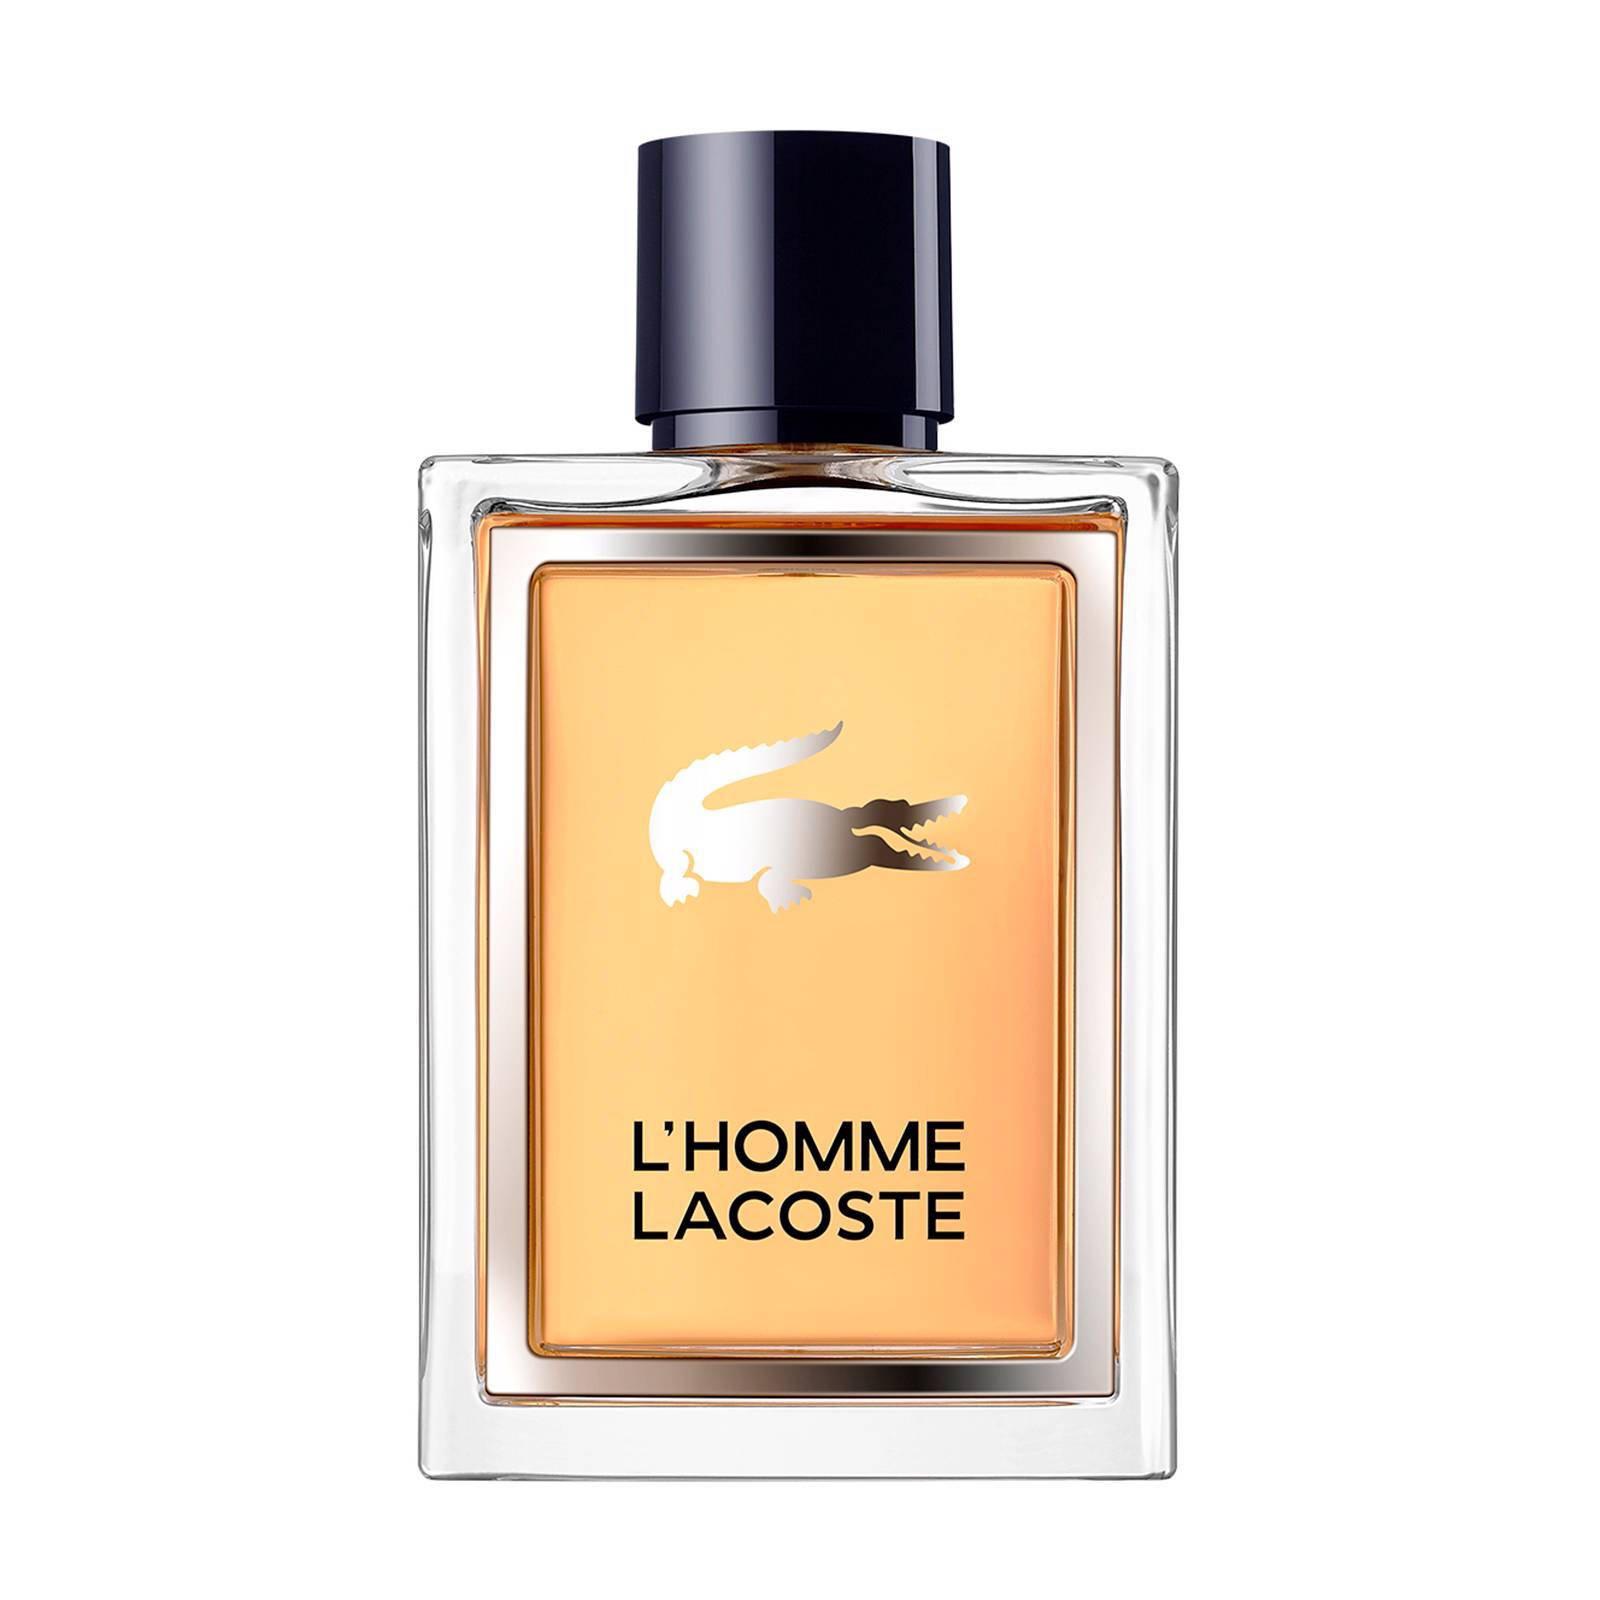 Lacoste L'Homme eau de toilette -  100 ml